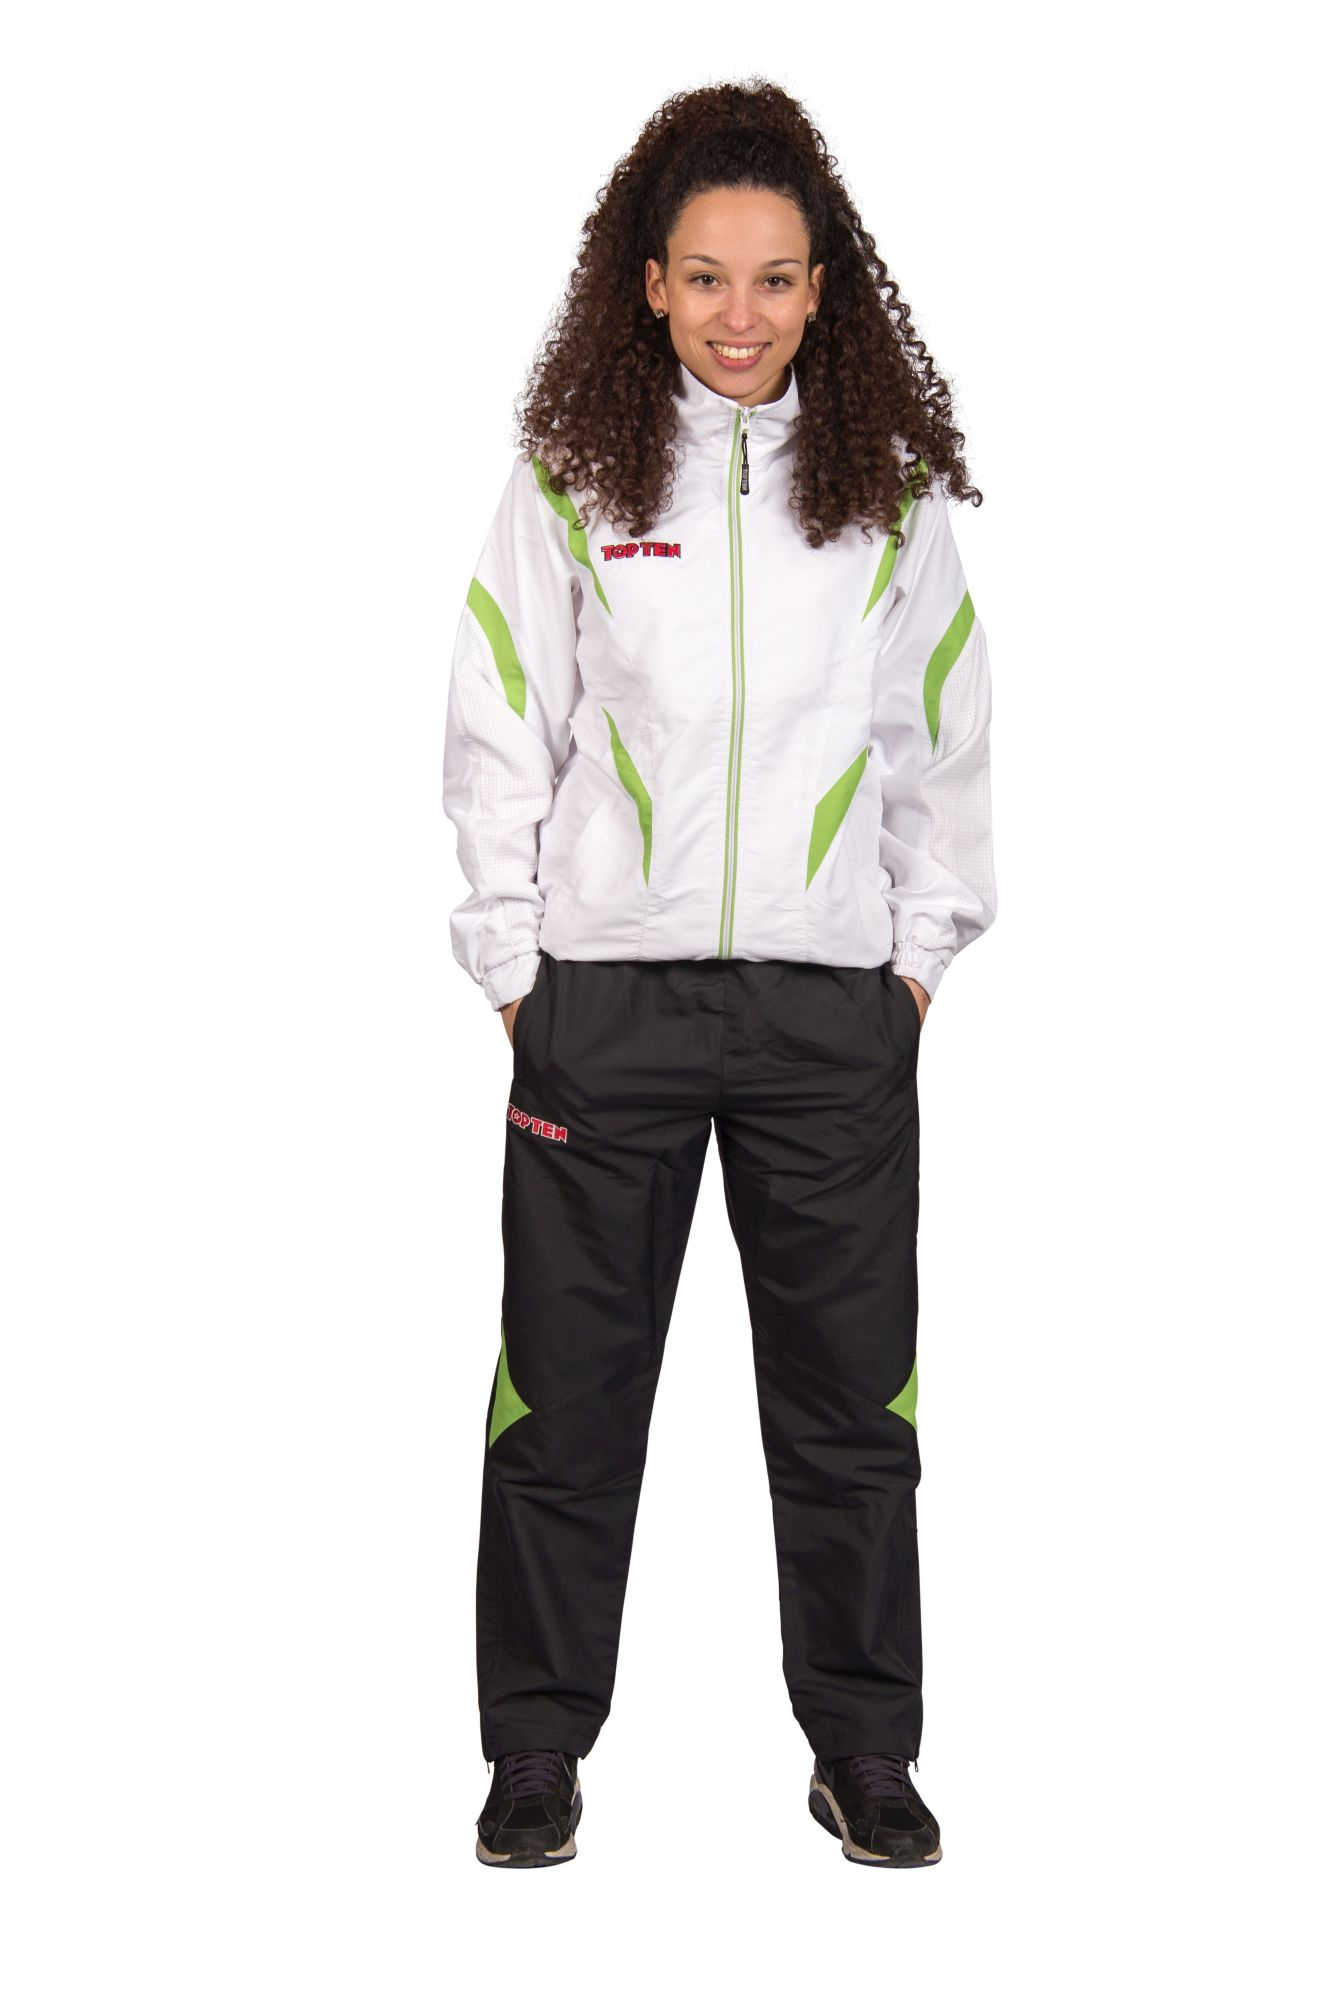 """TOP TEN Trainingspak """"Premium Quality"""" met zwarte broek voor kinderen Wit - Groen"""